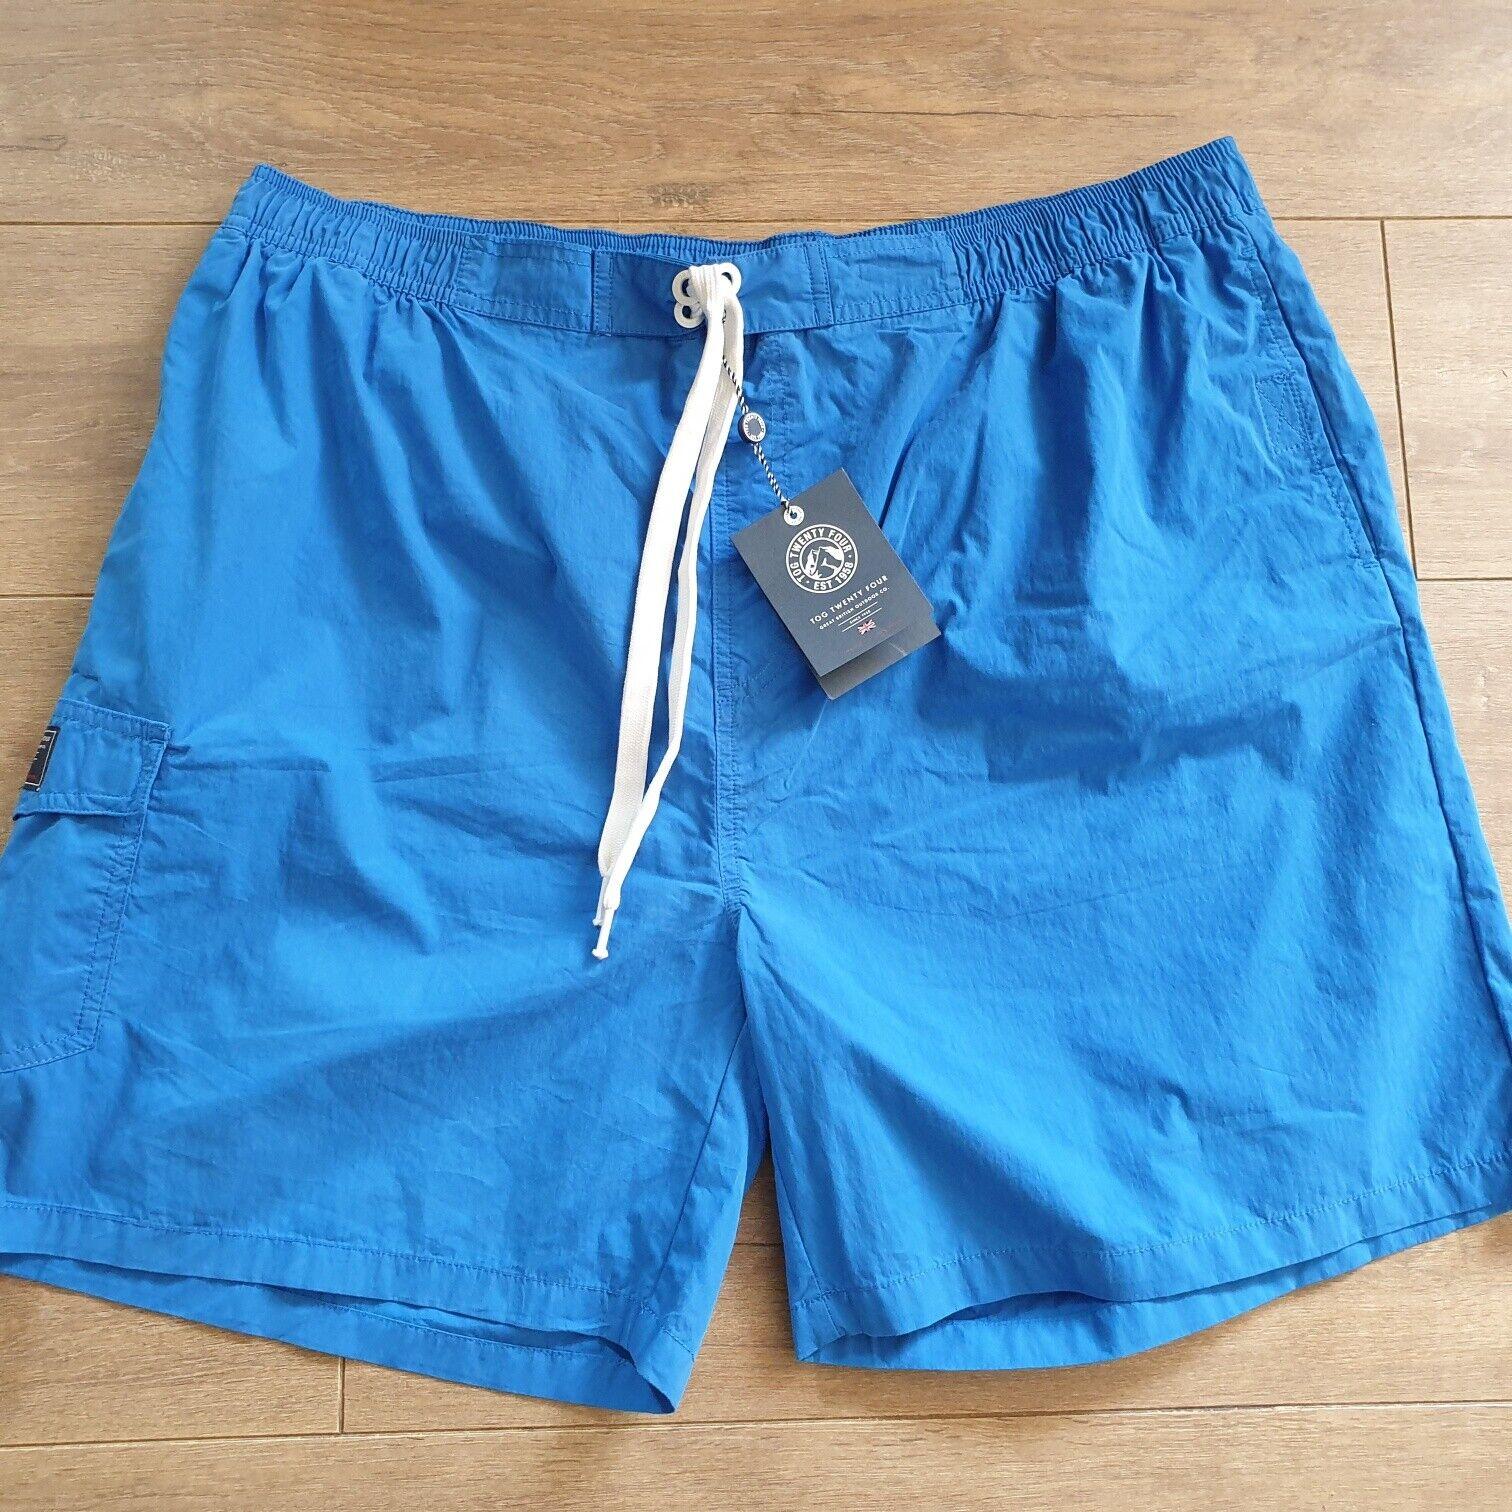 Pantalones cortos de natación para hombre 24 Tog-nuevo Tamaño 5XL